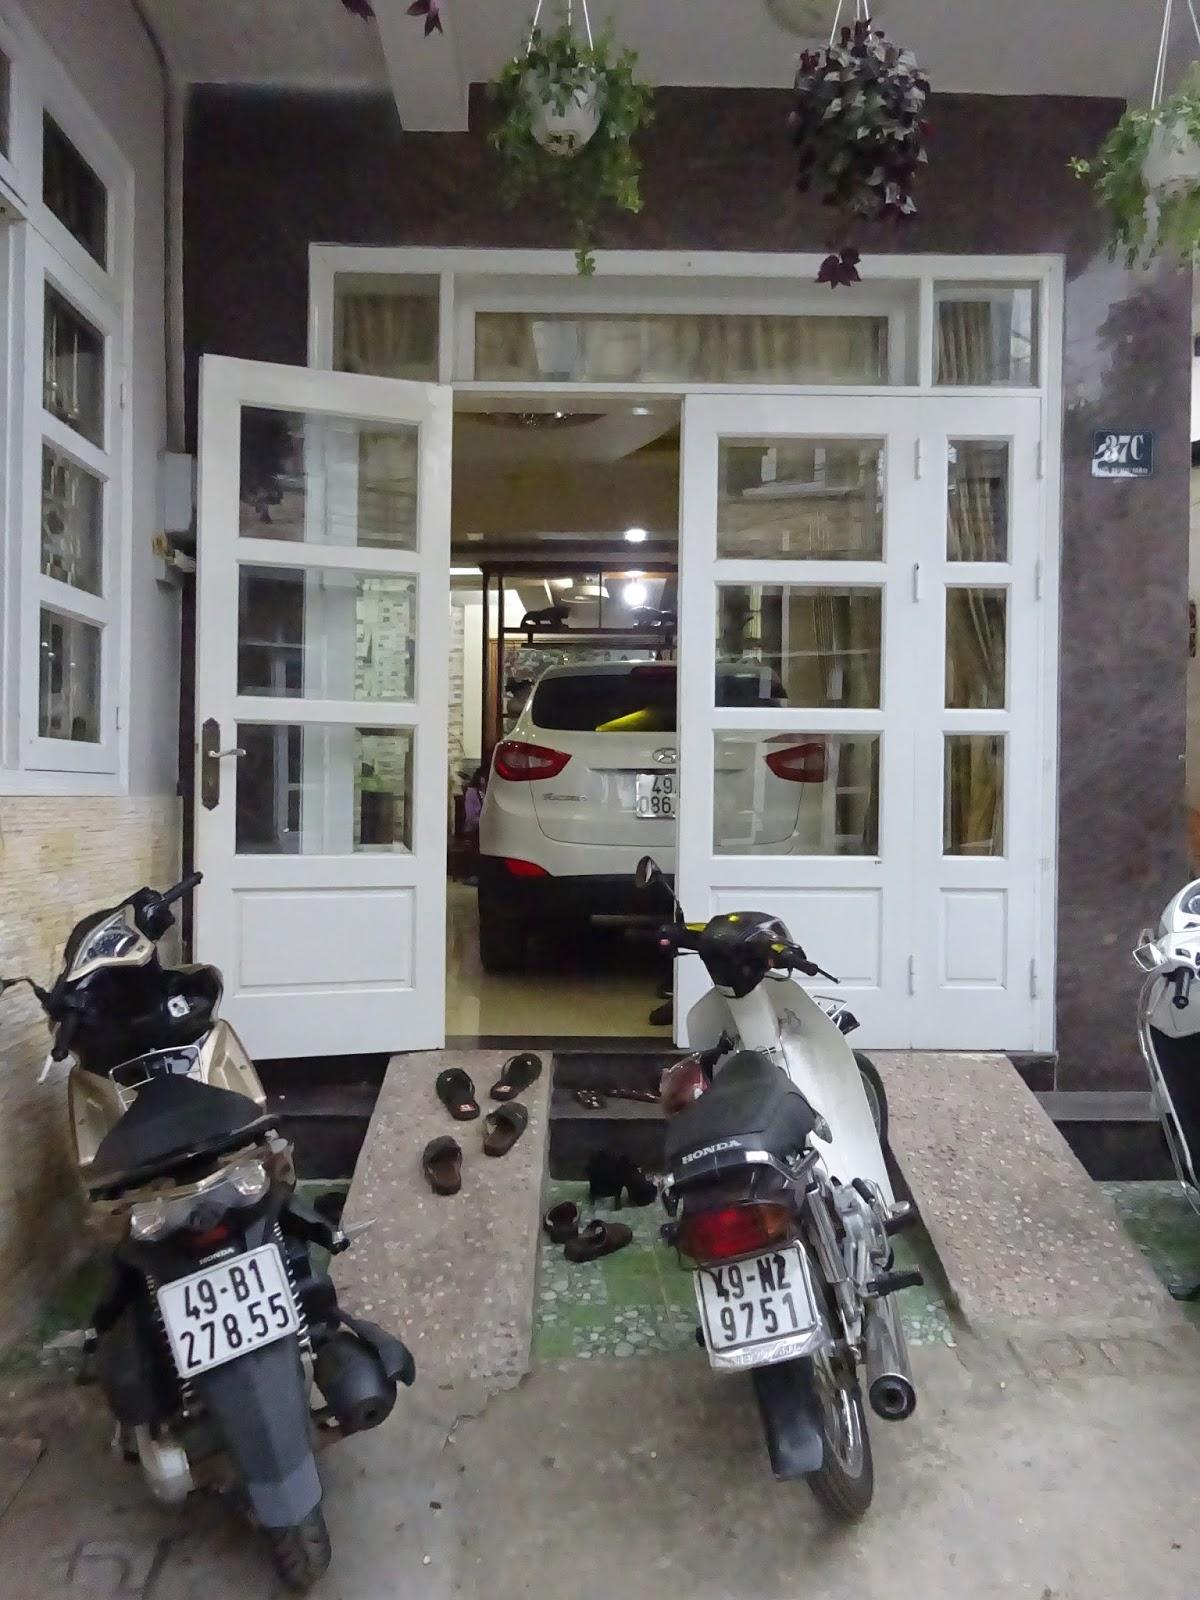 Hier In Vietnam, Oder Generell In Südostasien, Wird Das Wohnzimmer Auch Als  Garage Benutzt. So Werden Dann Jeden Abend Die Roller Oder Wie In Diesem  Fall ...